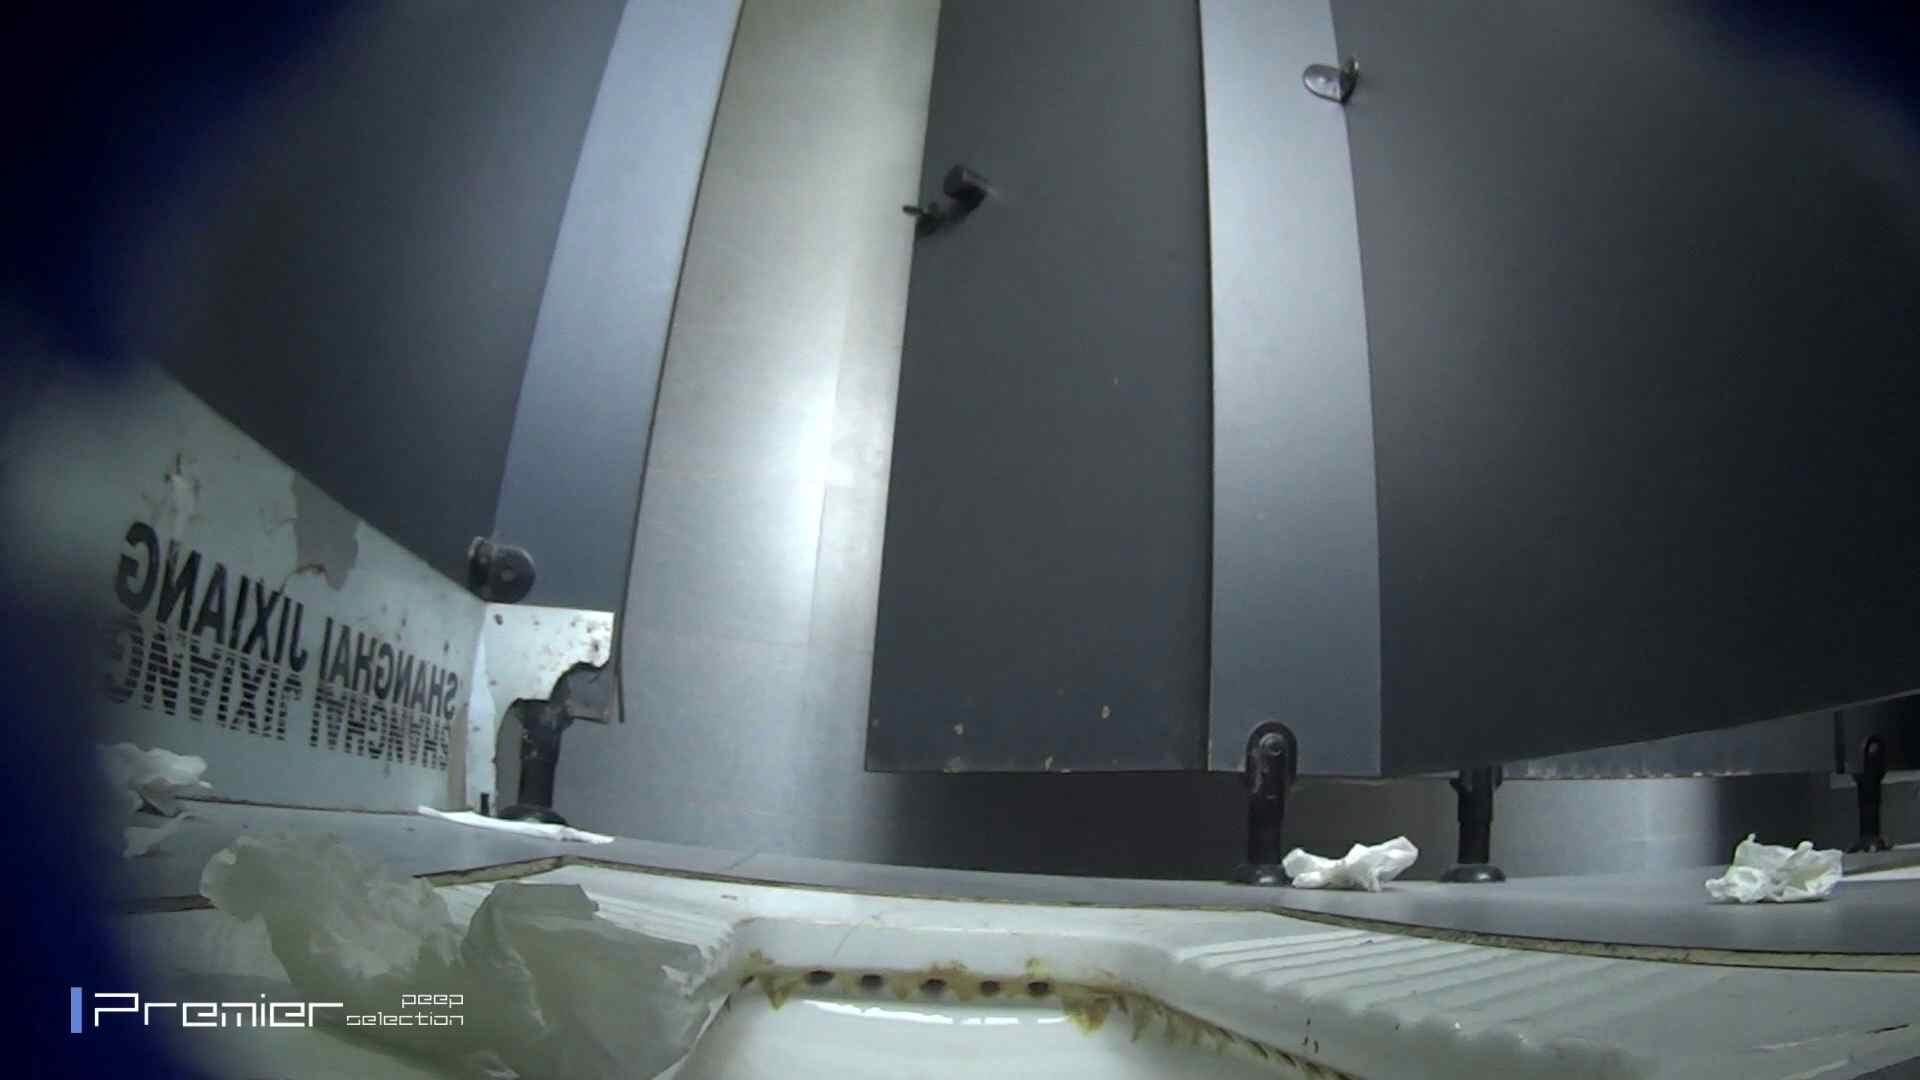 聖水ダラダラ色美女の洗面所 大学休憩時間の洗面所事情55 丸見え 性交動画流出 99枚 68